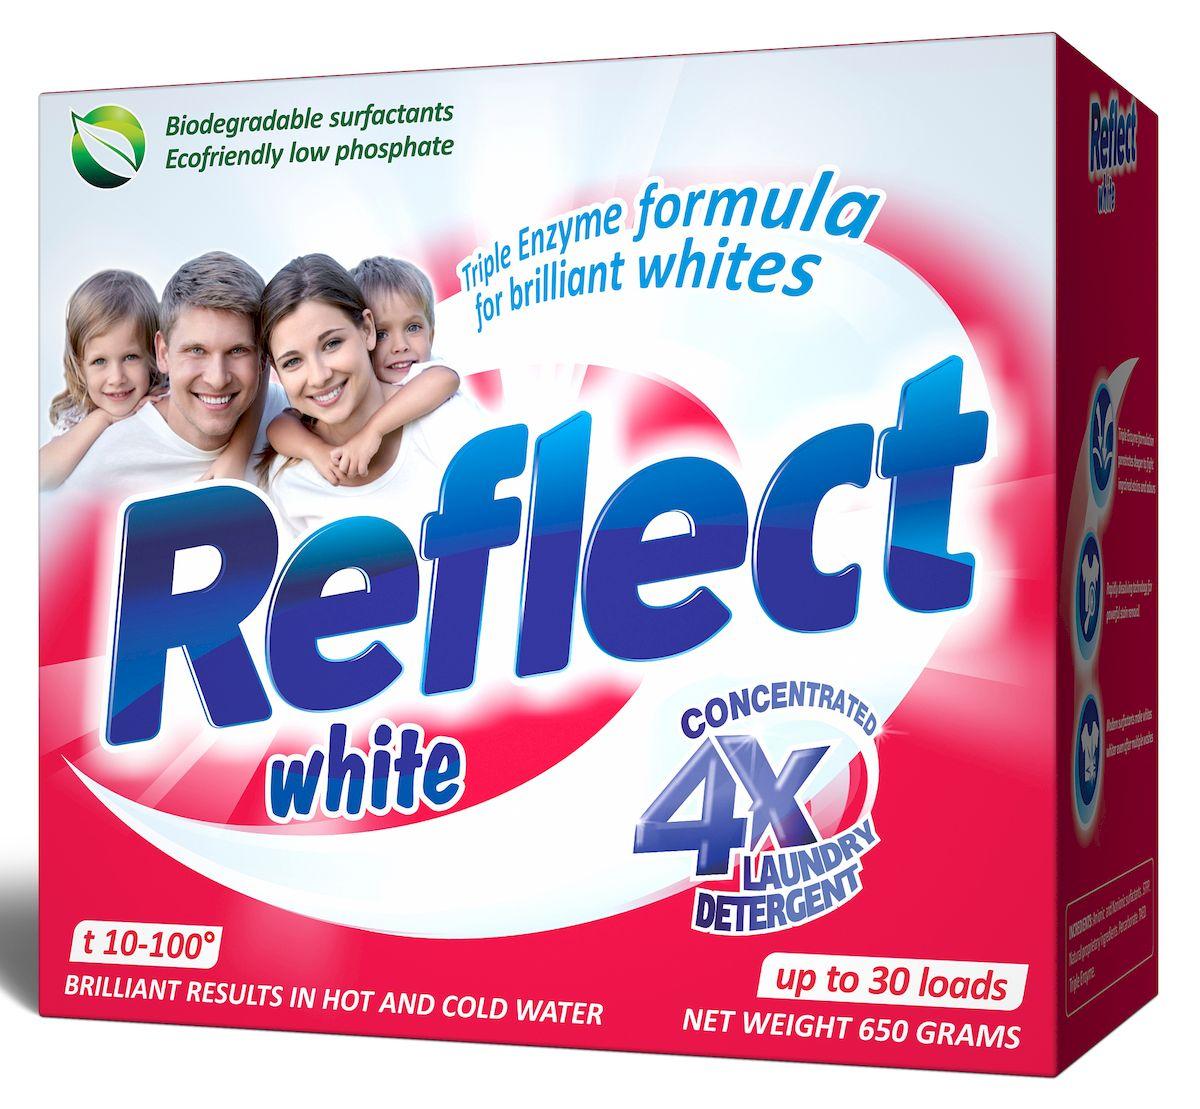 Стиральный порошок Reflect White, концентрированный, для белых и светлых тканей, 650 г15010Концентрированный стиральный порошок Reflect White предназначен для стирки белых и светлых тканей.Особенности порошка Reflect White: - придает белоснежность и яркость белым тканям от стирки к стирке, - отстирывает самые сильные загрязнения (воротнички, манжеты), - антибактериальный, уничтожает 99,9% известных бактерий,- обладает высокой моющей способностью в широком диапазоне температур (10°C-100°C), - предупреждает образование накипи на водонагревательном элементе, - удаляет пятна и загрязнения различного происхождения, не повреждая структуру ткани, - в состав входит энзим (антипиллинг), который предотвращает образование ворсистости на ткани, - подходит для всех типов ткани, включая ткани с мембранным покрытием, кроме шерсти и шелка- универсальный - для машинной и ручной стирки. Товар сертифицирован.